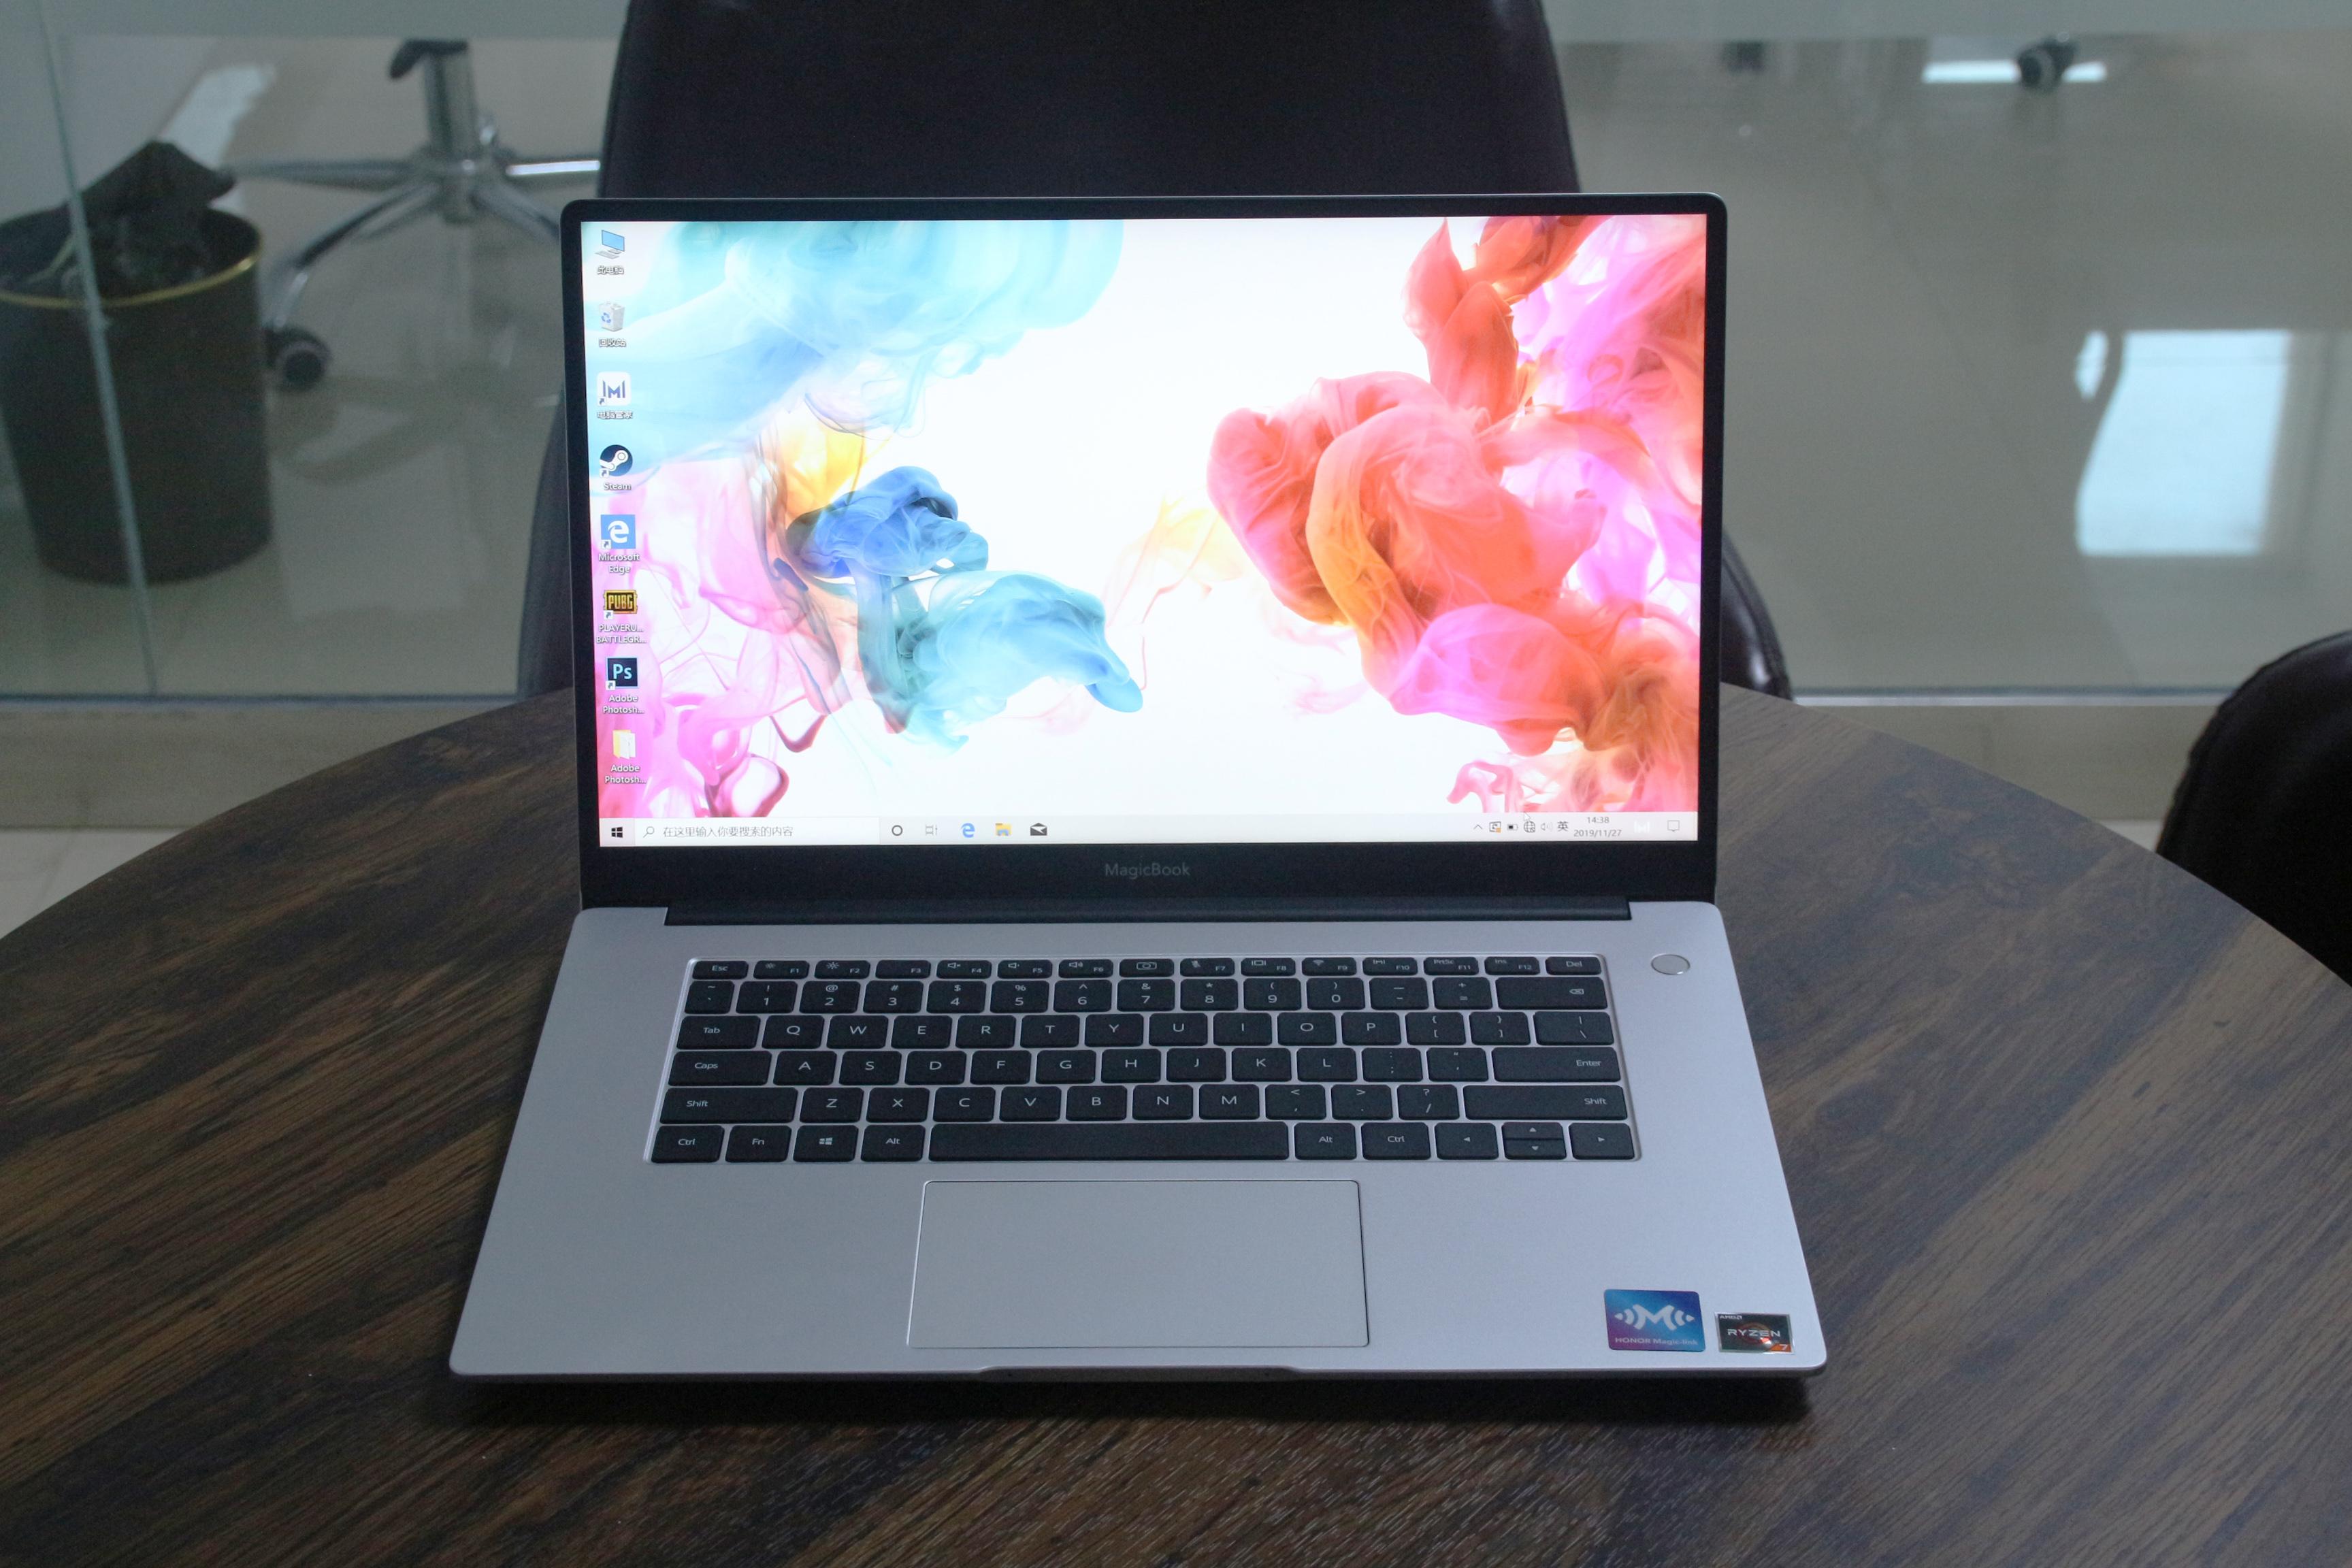 新款荣耀笔记本电脑,三千多就能入手